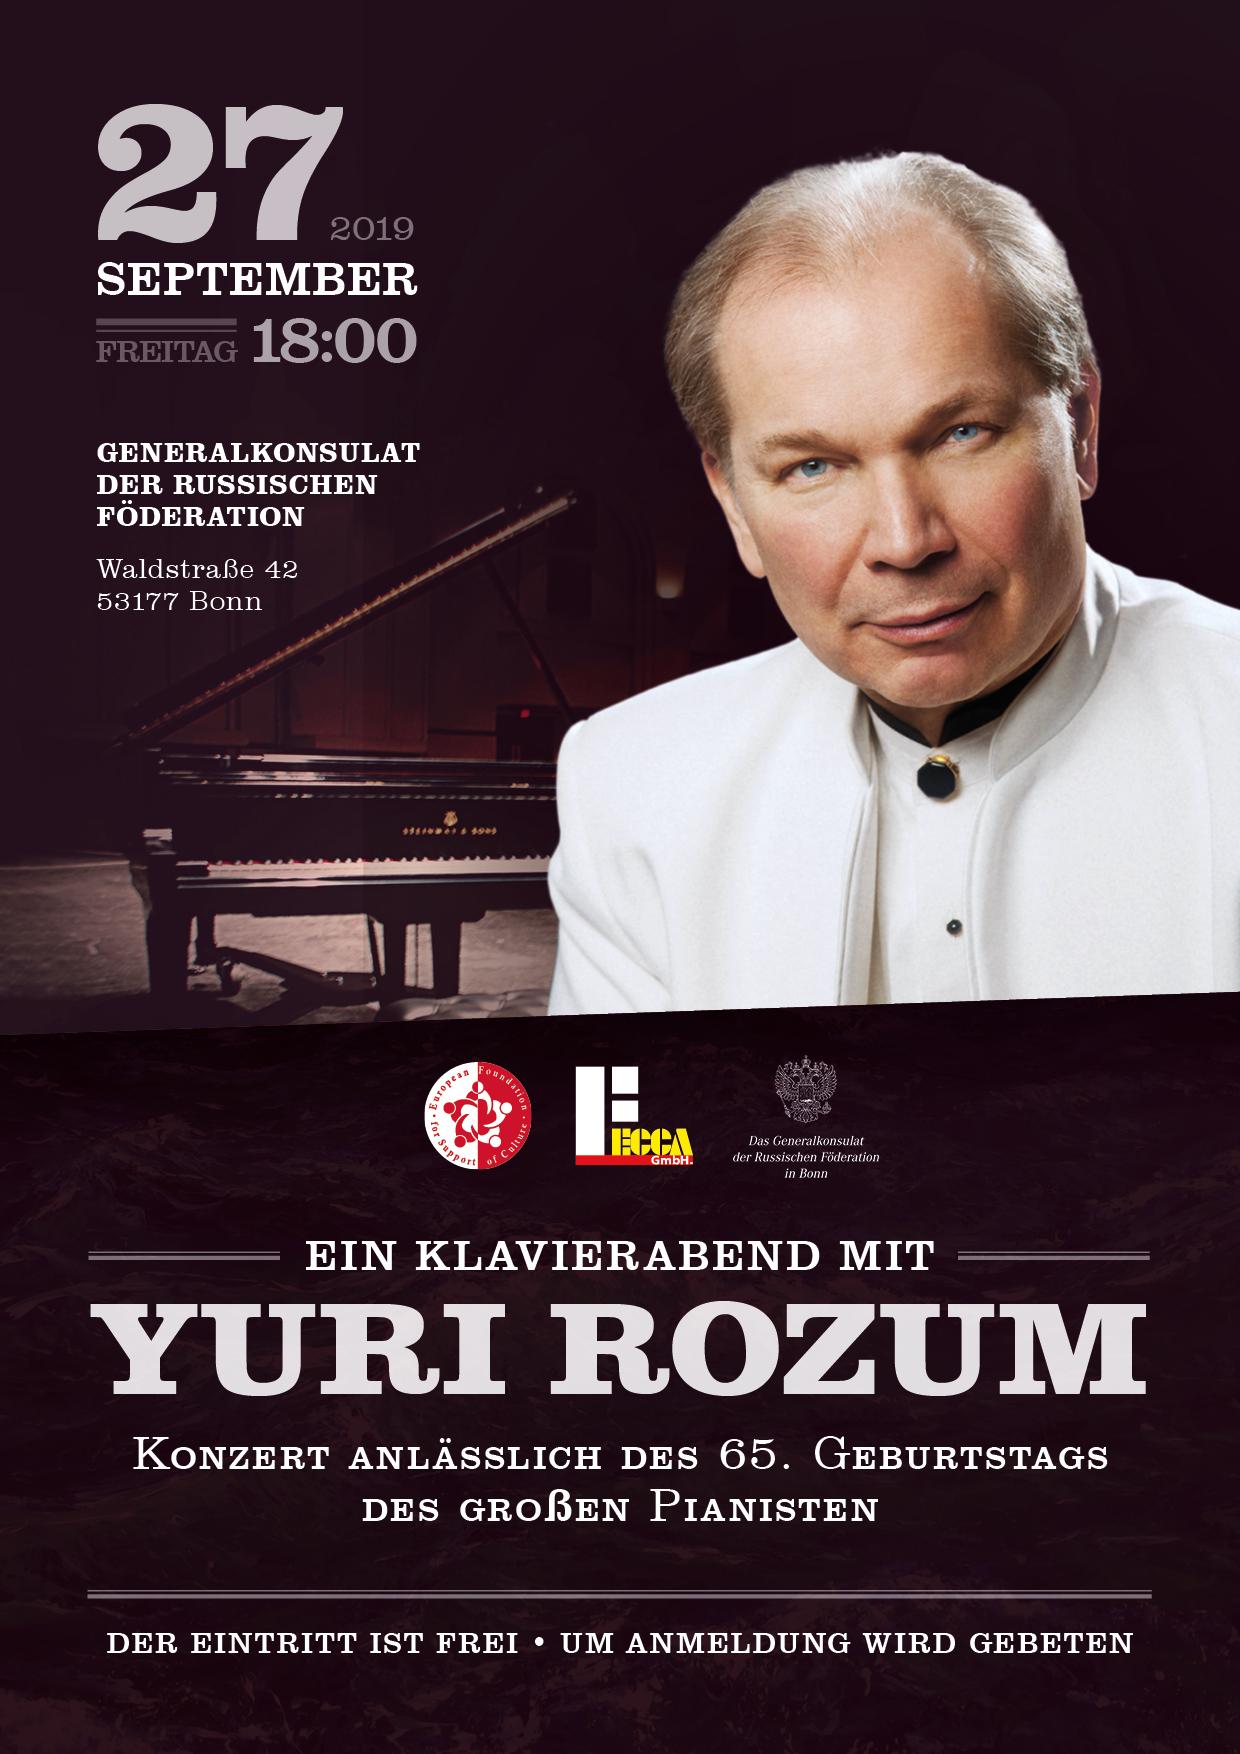 Yuri+Rozum+27.+September+Bonn+(1)